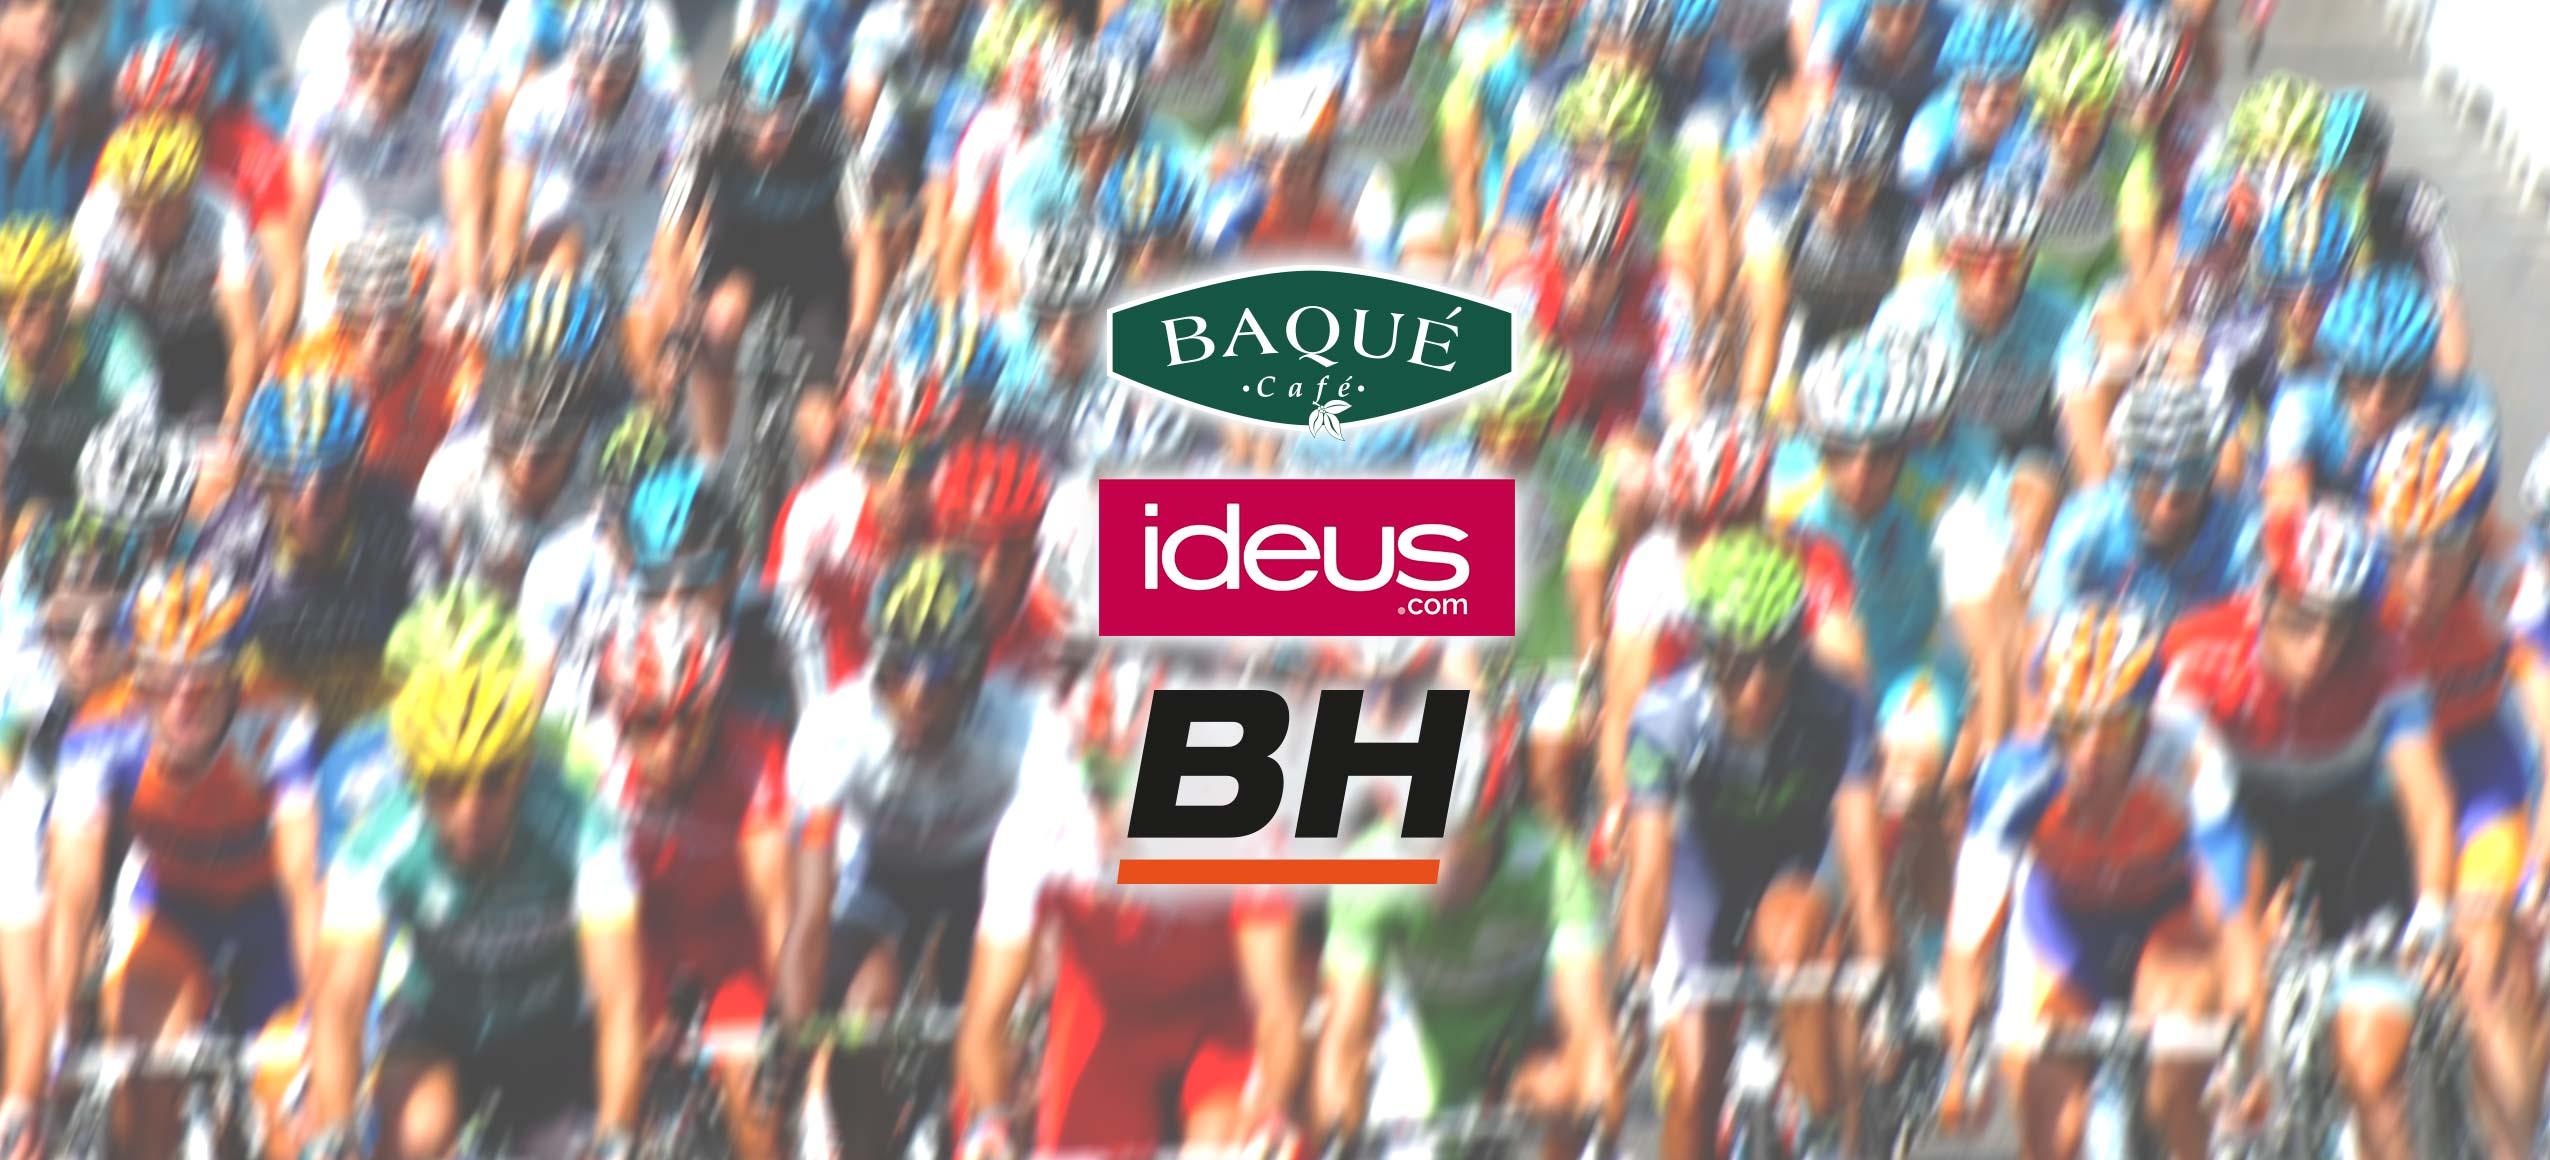 Ideus con el deporte: Baqué-Ideus-BH Team